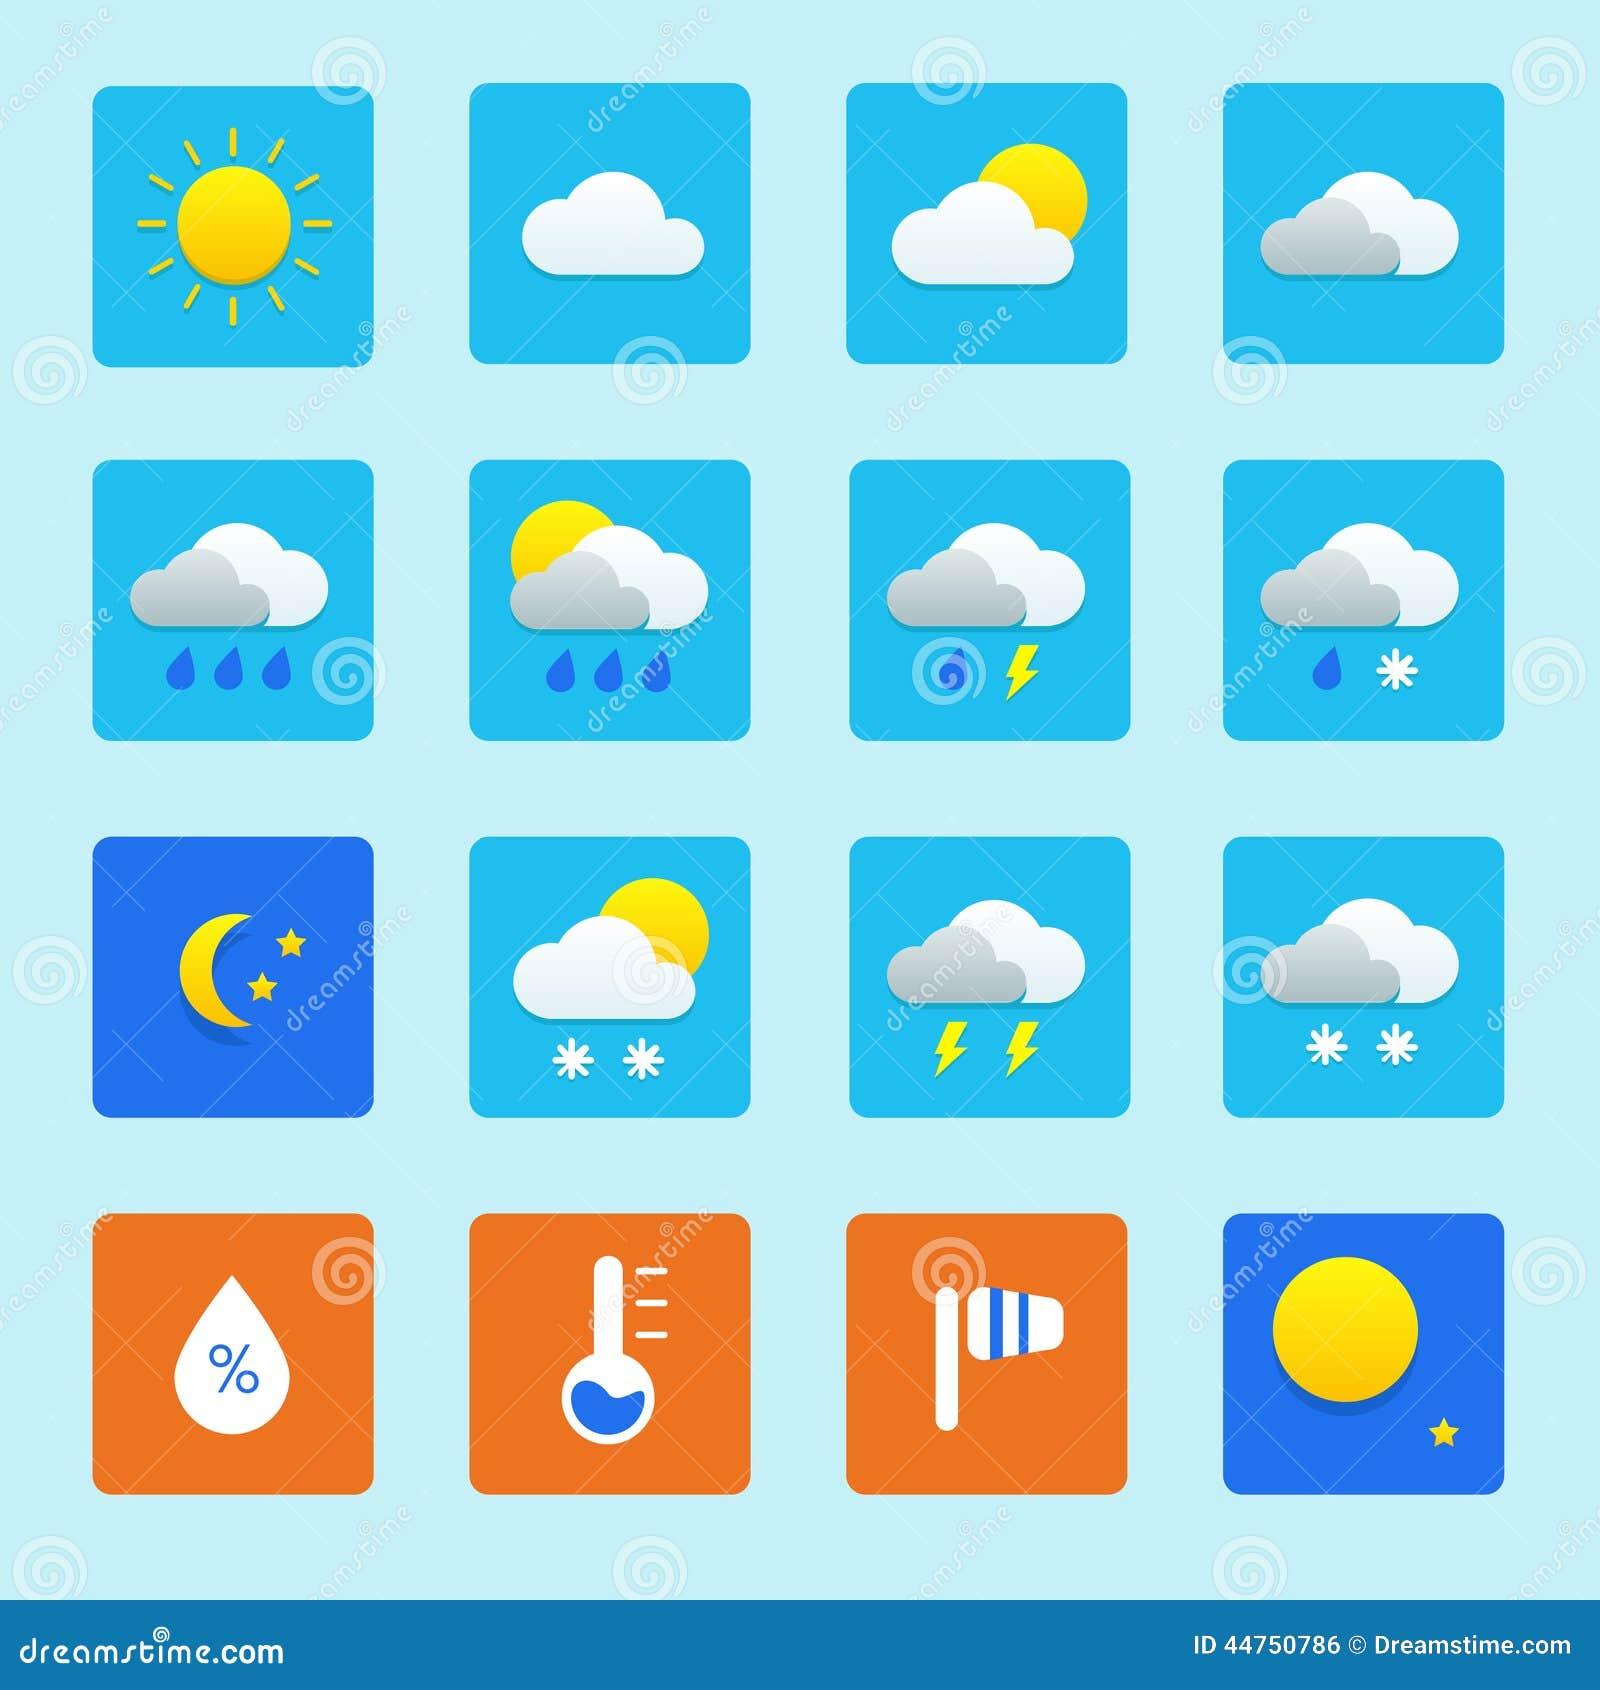 Illustrazione Di Stock Insieme Dell Icona Delle Icone Del Tempo Con Neve Pioggia Il Sole E Le Nuvole Image44750786 on Weather Forecast Symbols